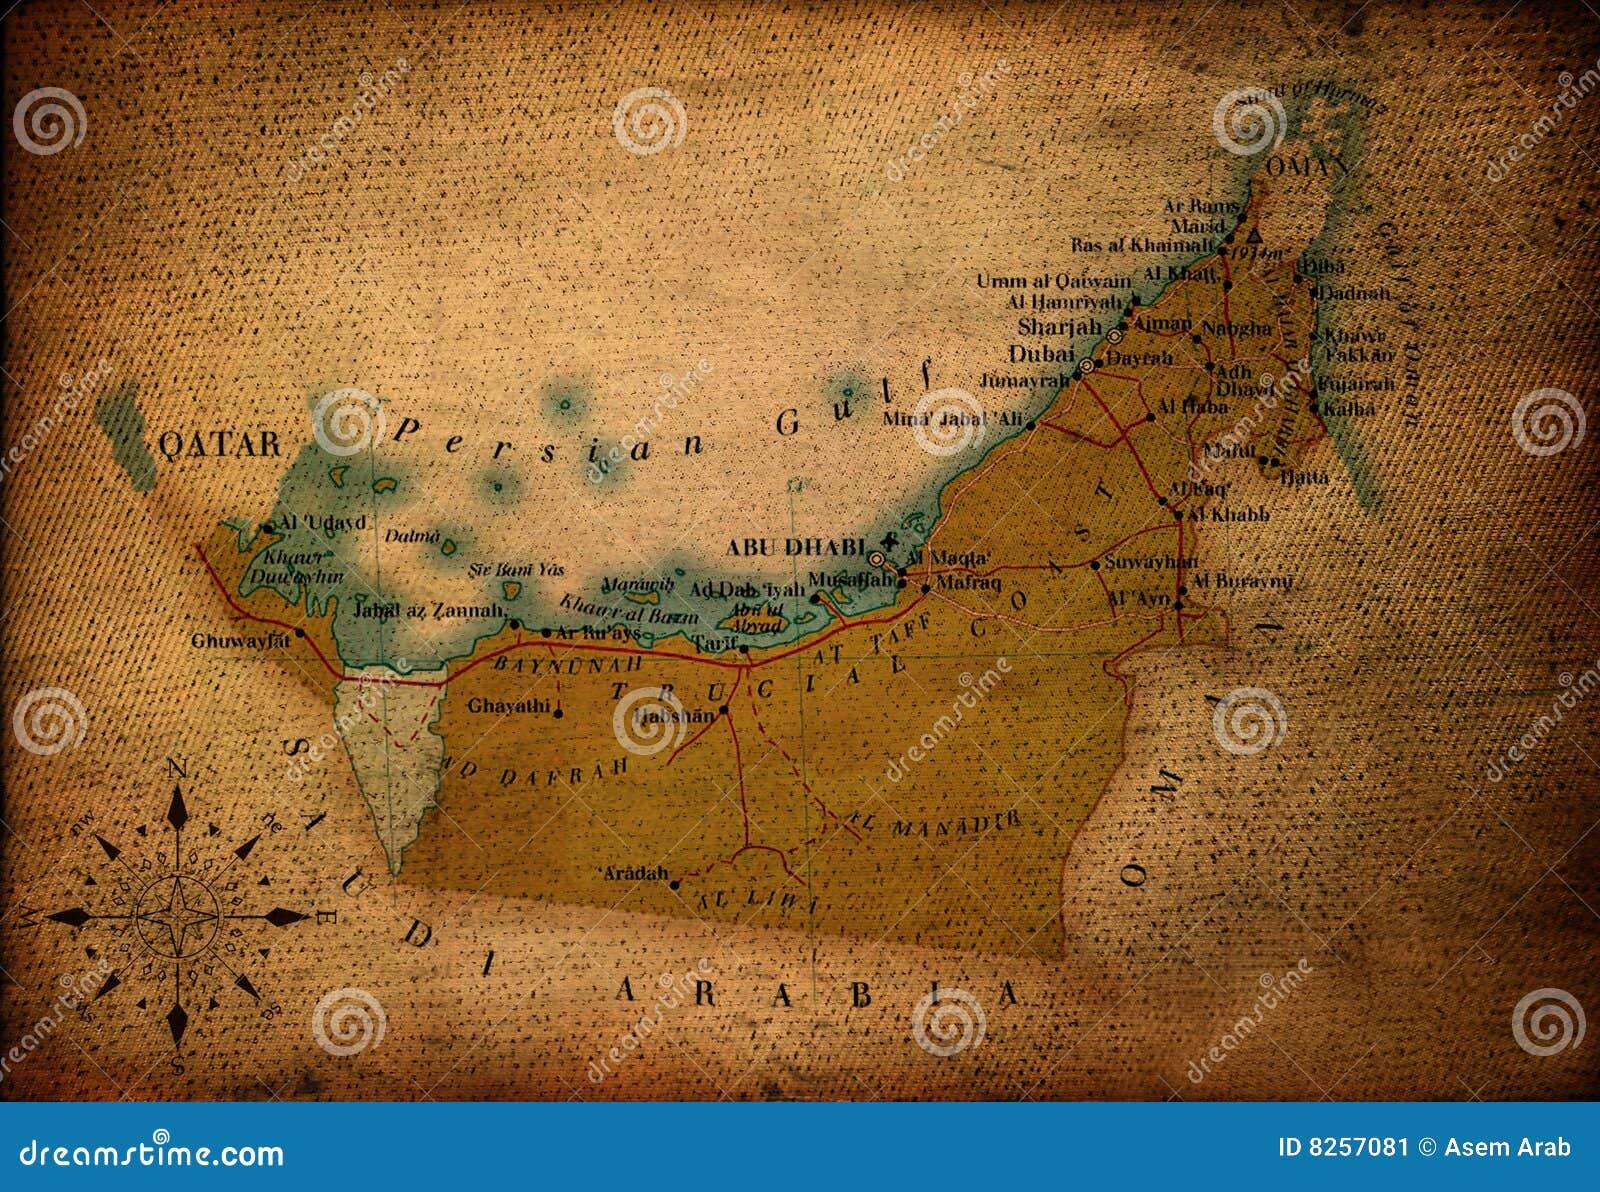 United Arab Of Emirates Map Stock Image - Image: 8257081